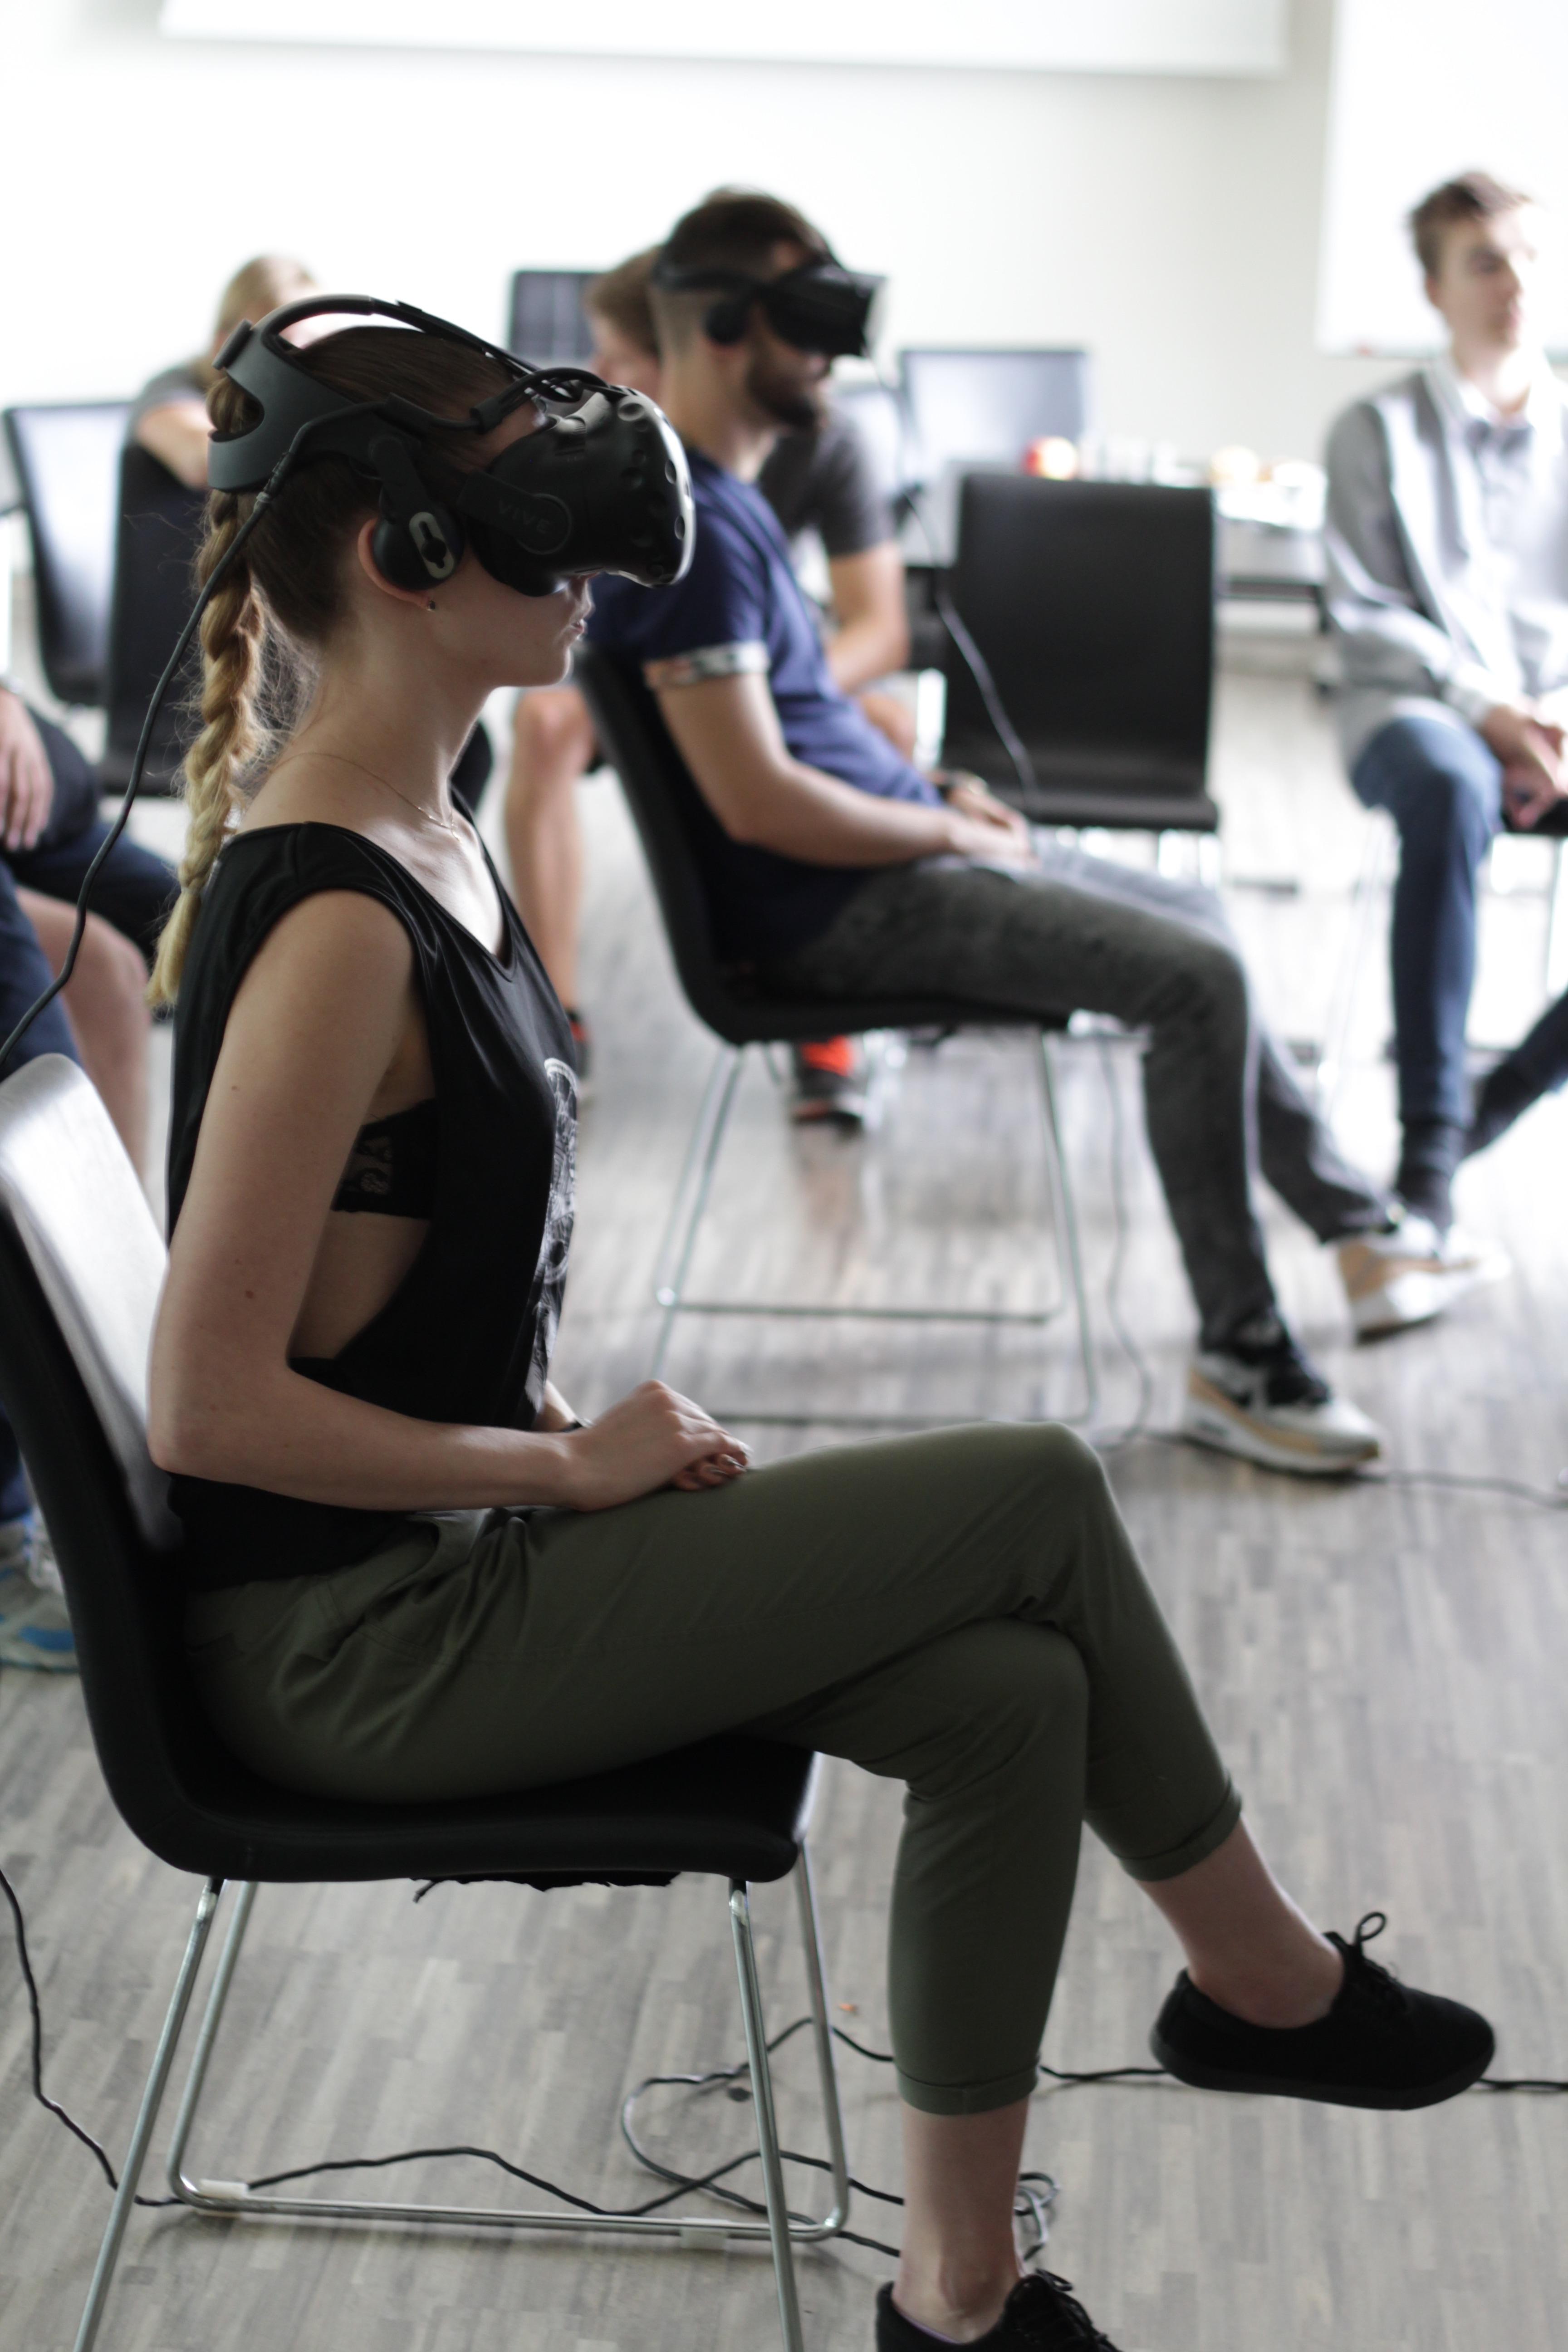 Gogle VR na wynajem, pomysł na imprezę firmową